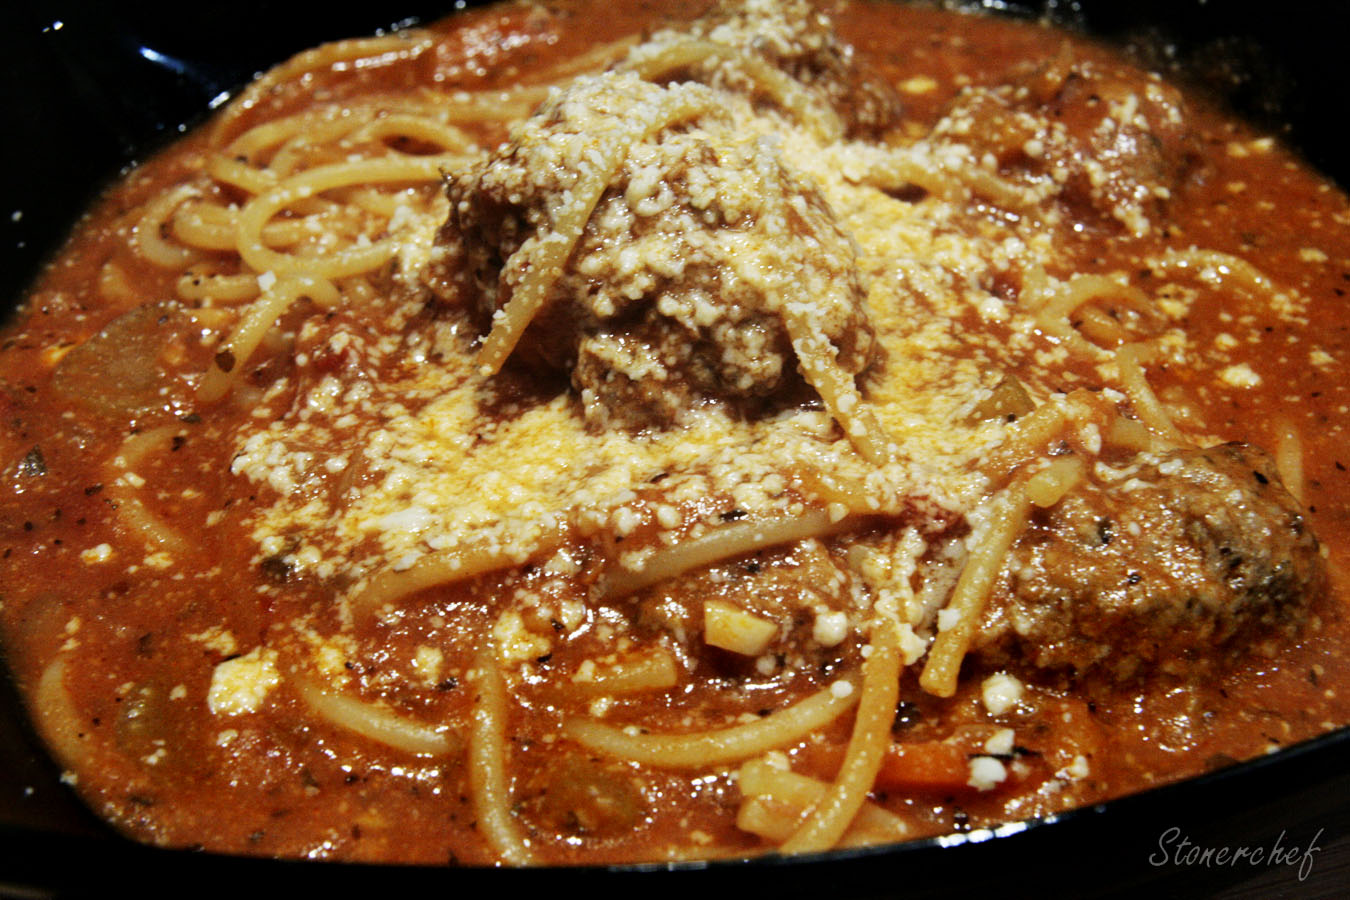 https://www.stonerchef.pl/wp-content/uploads/2016/11/zupa-spaghetti-z-kulkami-wolowymi.jpg